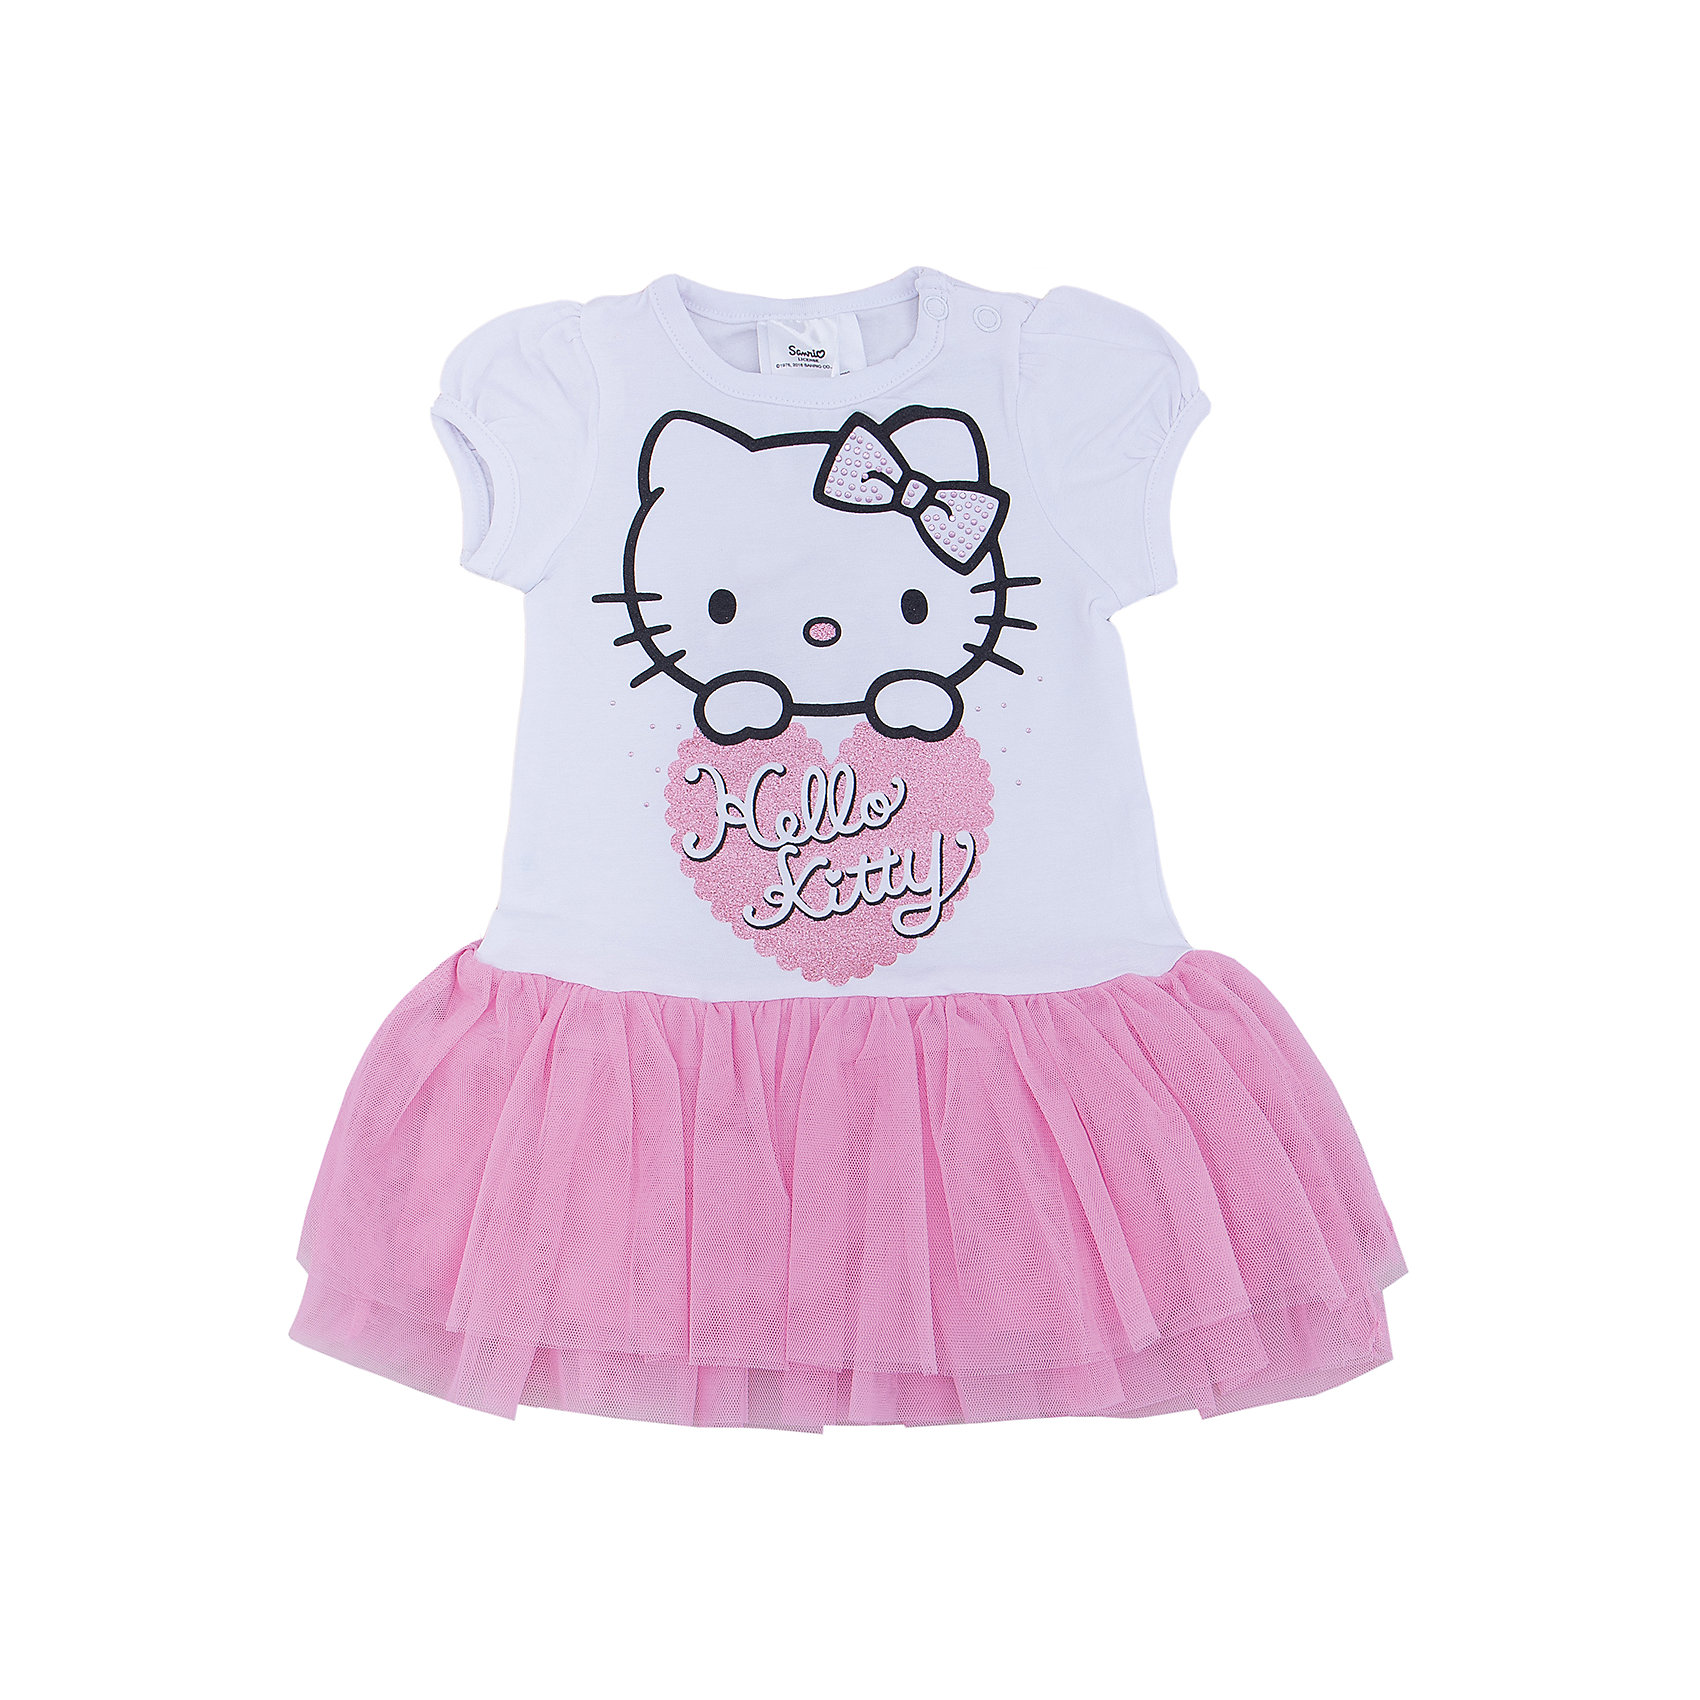 Платье для девочки PlayTodayХарактеристики:<br><br>• Вид одежды: праздничное платье, повседневное платье<br>• Сезон: круглый год<br>• Материал: хлопок – 95%, эластан – 5% (верх); полиэстер – 100% (воланы)<br>• Цвет: белый, розовый<br>• Силуэт: прямой крой<br>• Длина платья: мини<br>• Рукав: фонарик<br>• Вырез горловины: круглый<br>• Застежка: кнопки на плече<br>• Особенности ухода: ручная стирка без применения отбеливающих средств, глажение при низкой температуре <br><br>PlayToday – это линейка детской одежды, которая предназначена как для повседневности, так и для праздников. Большинство моделей выполнены в классическом стиле, сочетающем в себе традиции с яркими стильными элементами и аксессуарами. Весь ассортимент одежды сочетается между собой по стилю и цветовому решению, поэтому Вам будет легко сформировать гардероб вашего ребенка, который отражает его индивидуальность. <br>Яркое платье для девочки PlayToday прямого силуэта выполнено из хлопка, отделка в форме двойного волана – из сетки голубого цвета. У платья круглая горловина, короткий рукав-фонарик. Спереди на изделии имеется крупный принт Hello Kitty, декорированный стразами и блестками. Платье для девочки PlayToday – это стиль, качество и элегантность!<br><br>Платье для девочки PlayToday можно купить в нашем интернет-магазине.<br><br>Ширина мм: 236<br>Глубина мм: 16<br>Высота мм: 184<br>Вес г: 177<br>Цвет: белый<br>Возраст от месяцев: 6<br>Возраст до месяцев: 9<br>Пол: Женский<br>Возраст: Детский<br>Размер: 74,86,80,92<br>SKU: 5059446